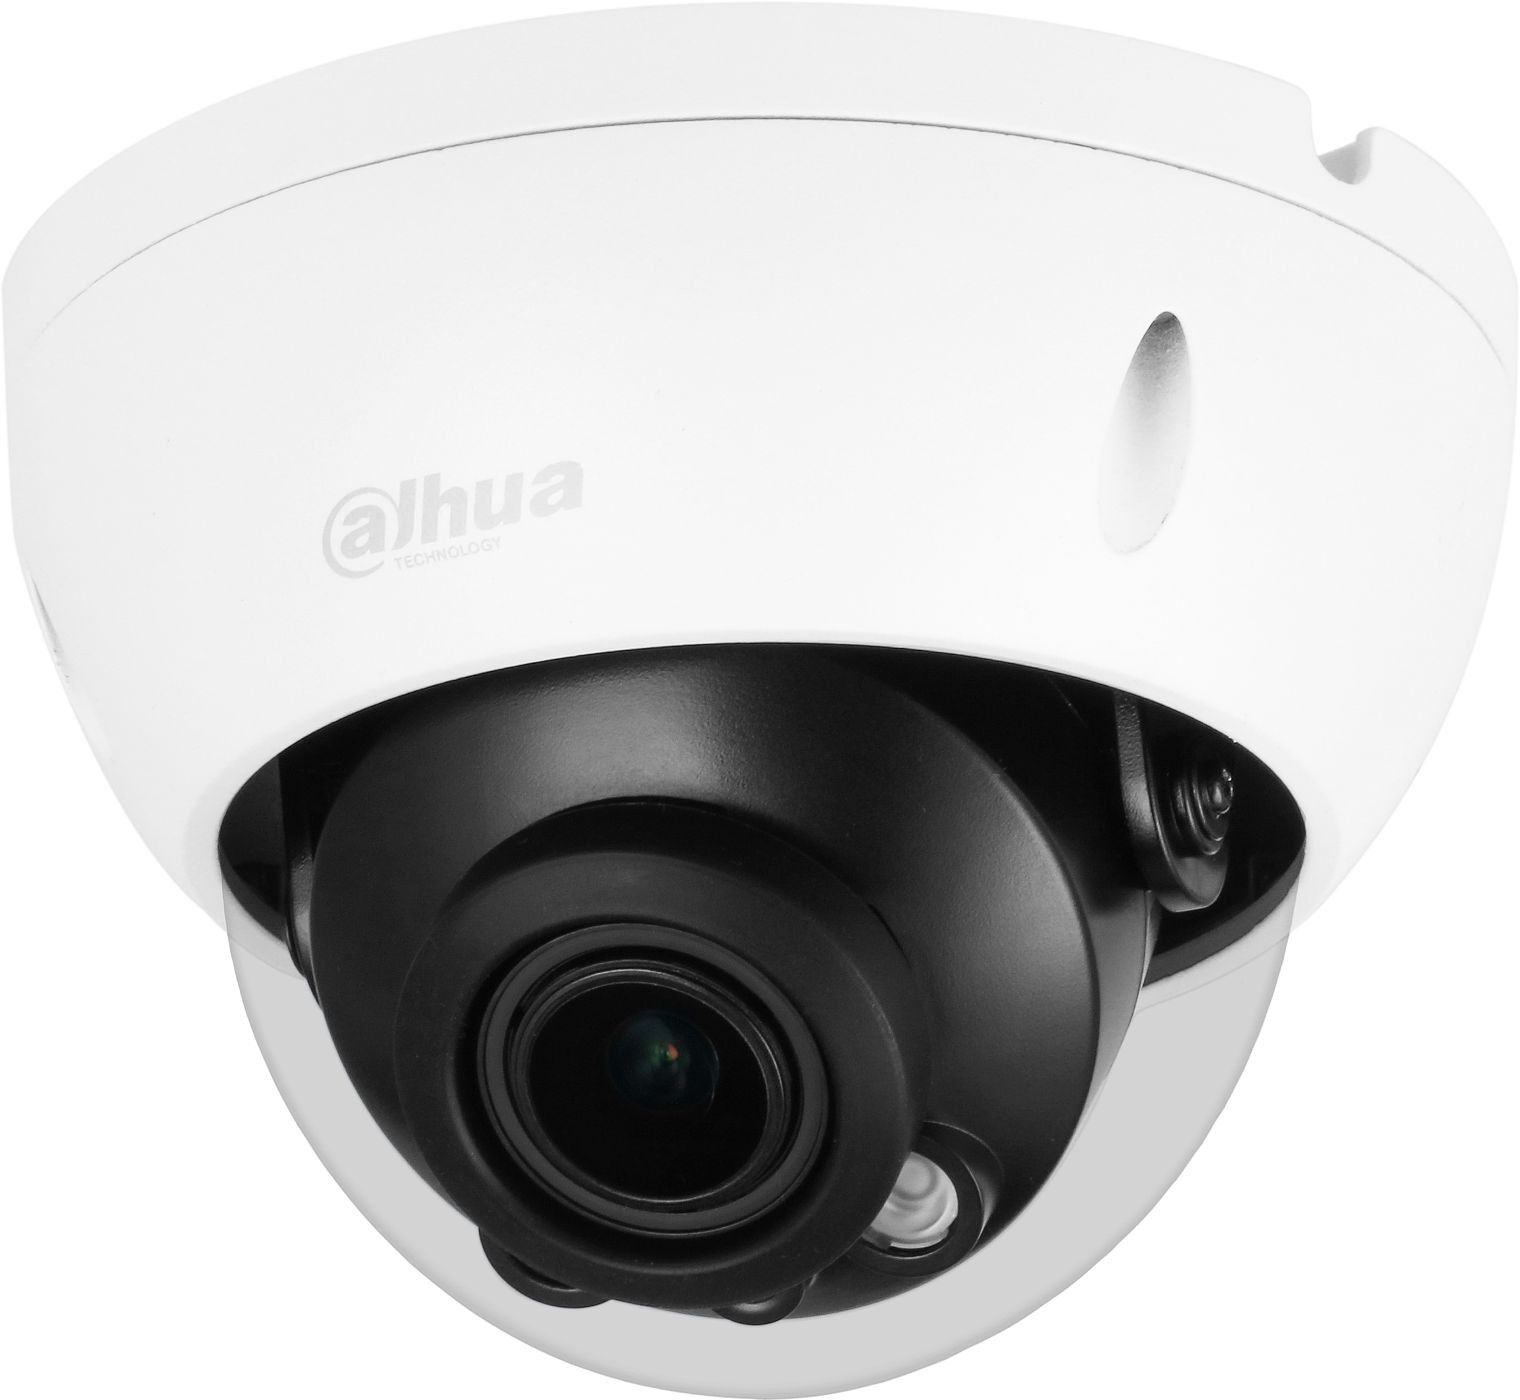 Kamera 4w1 2Mpx HAC-HDBW1200R-Z-2712 2.7-12mm DAHUA